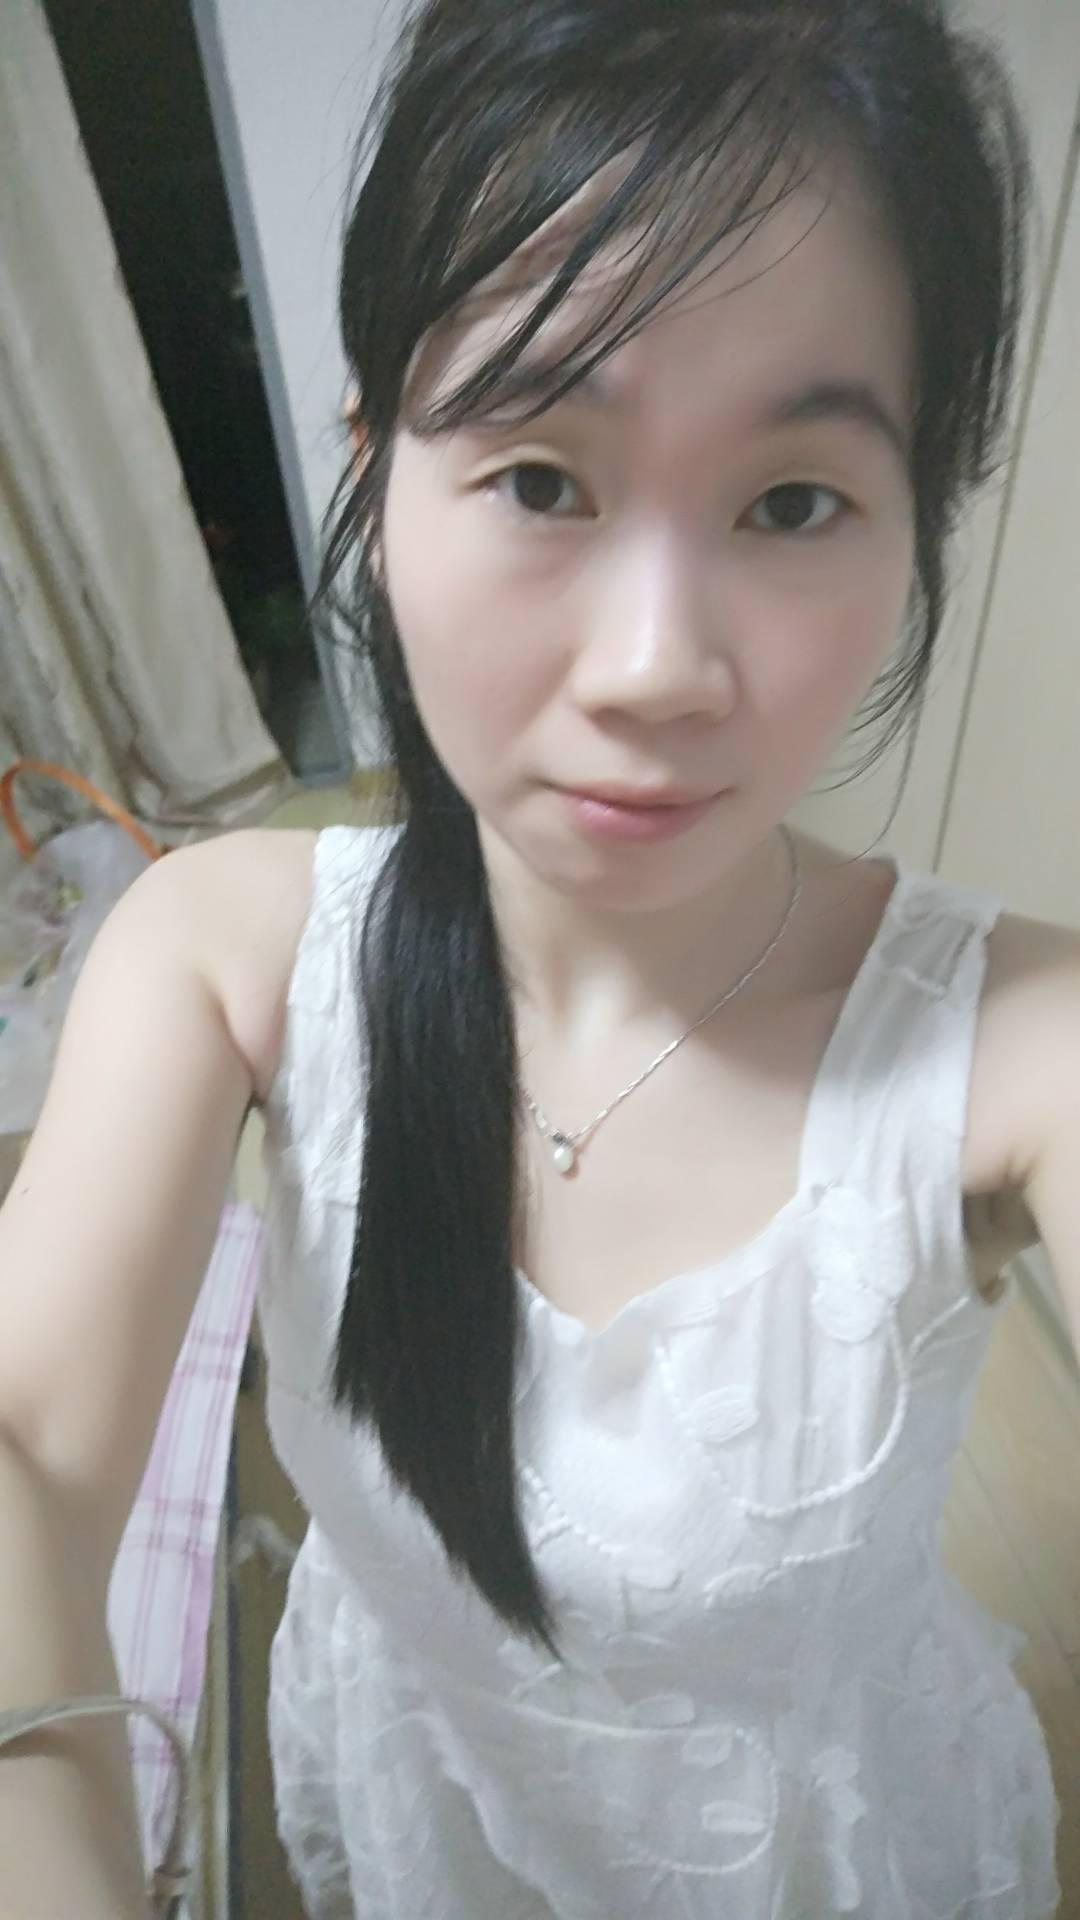 菱雅张小娜娜的照片